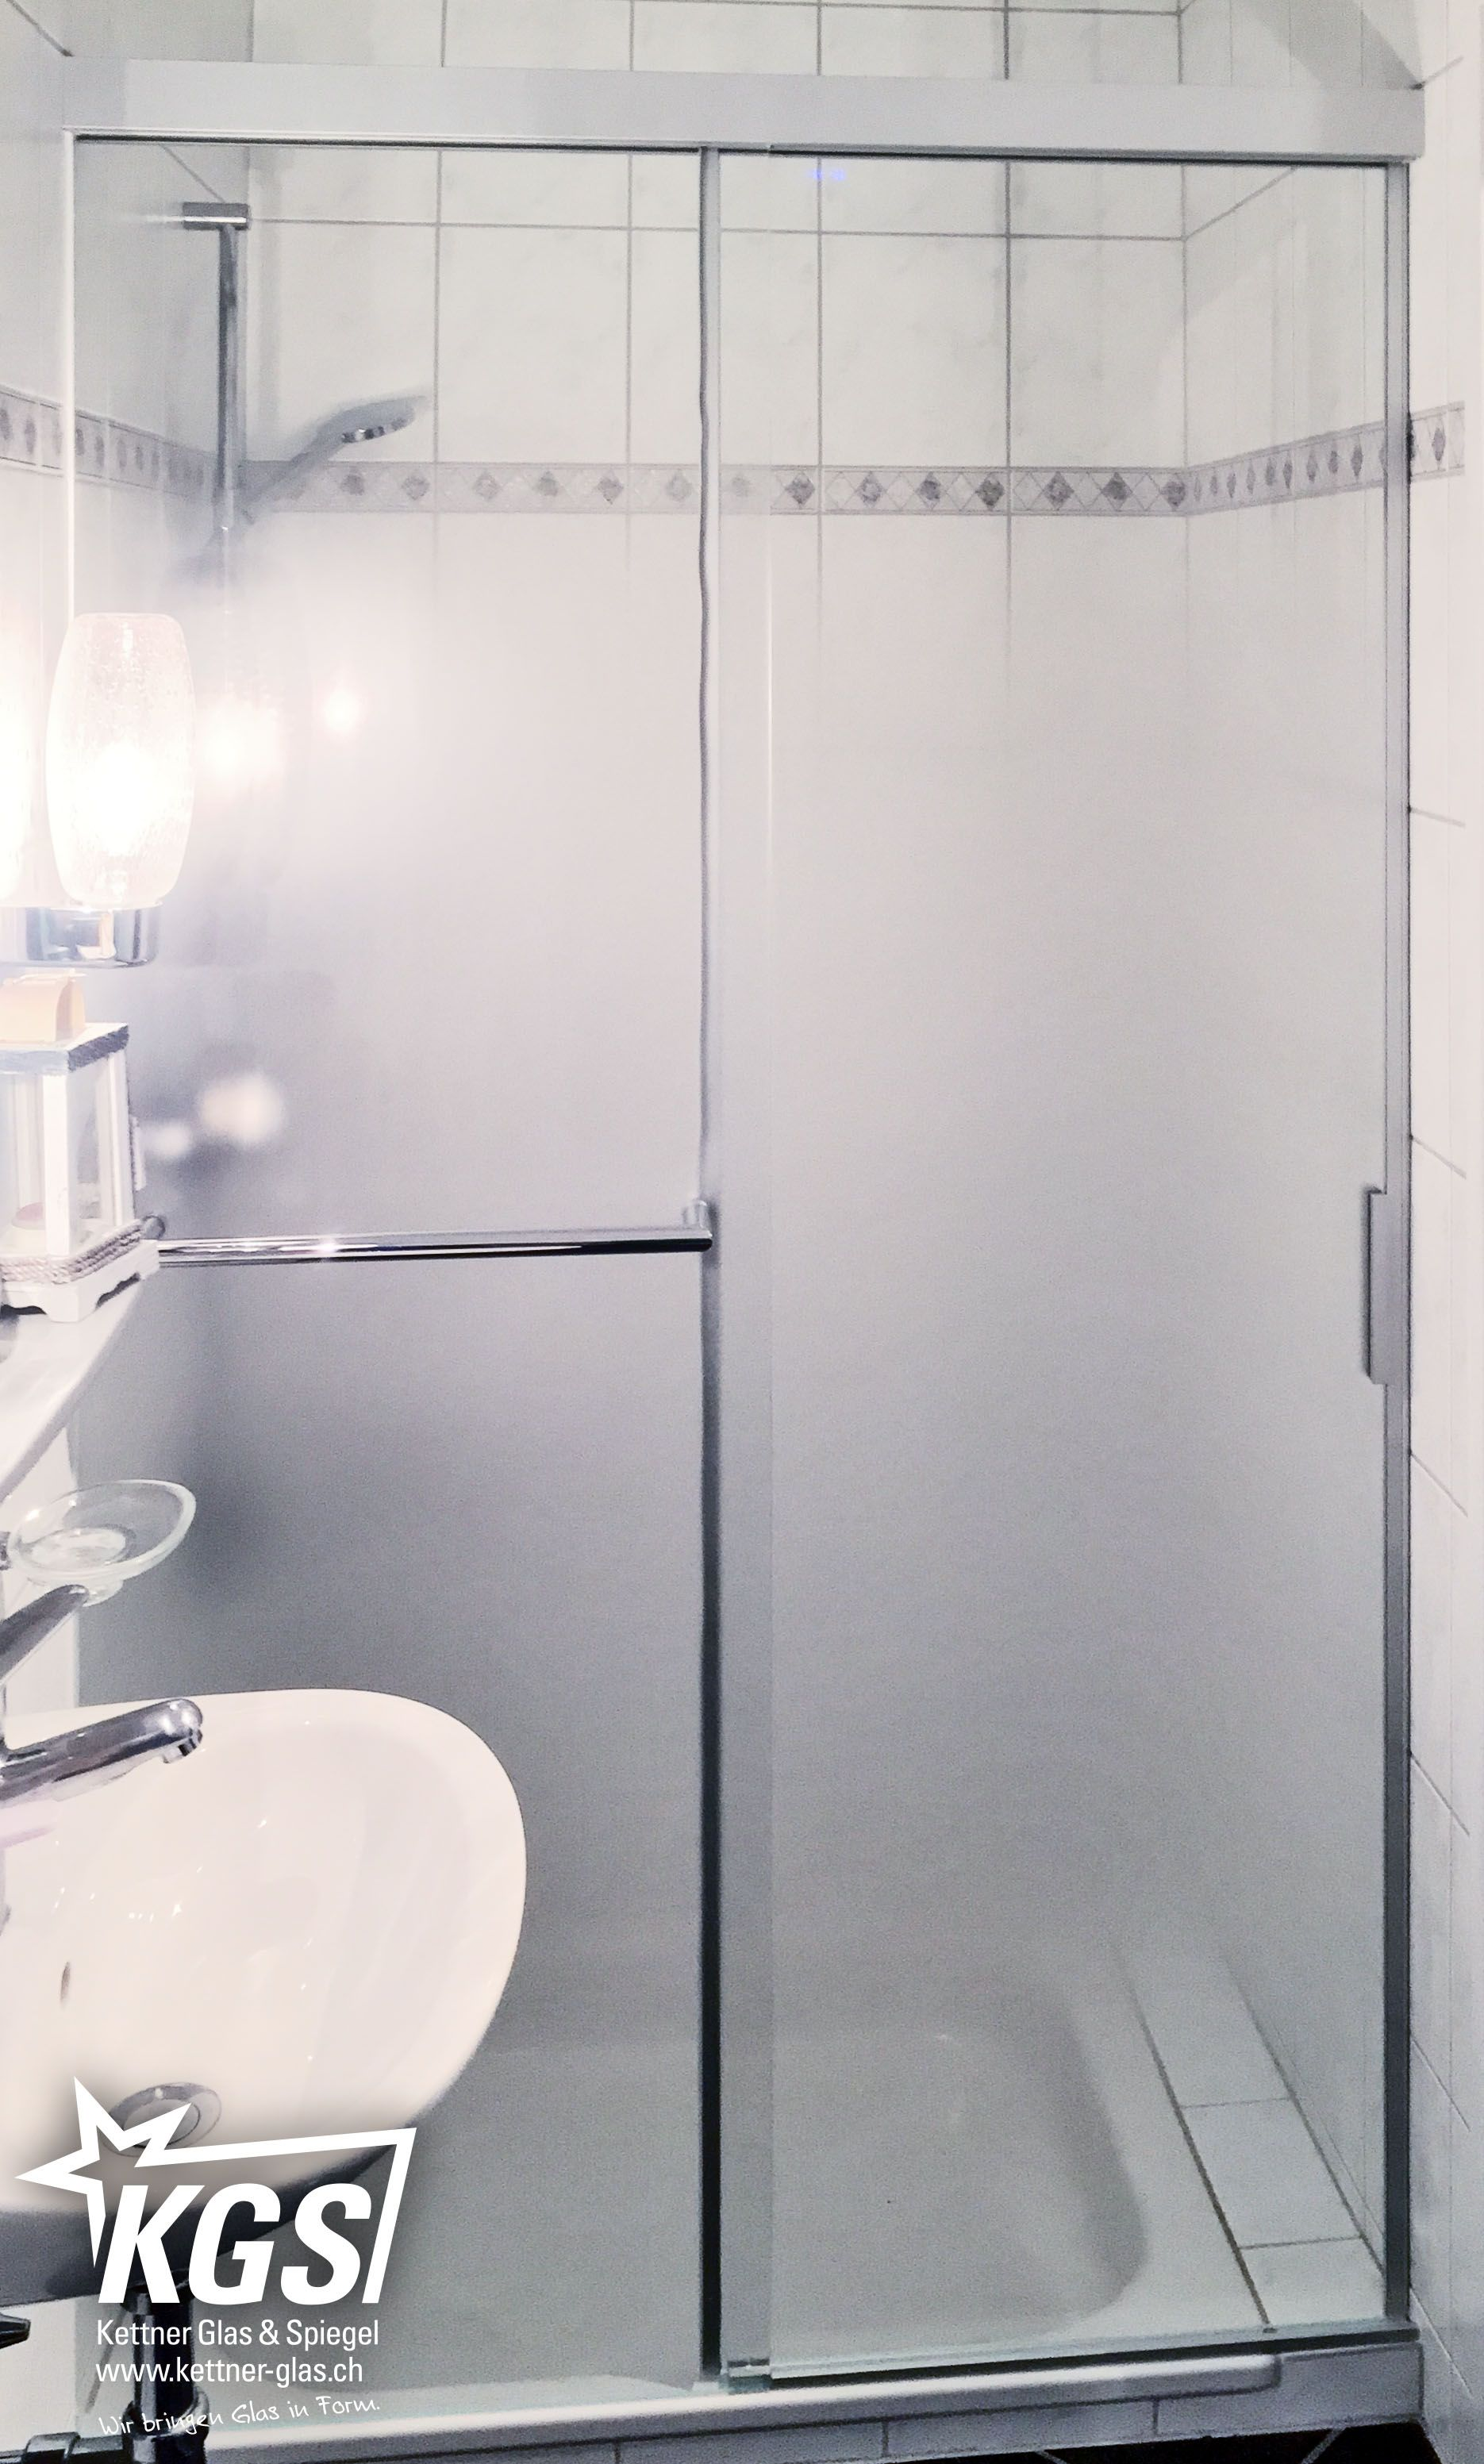 Ersatz Einer Duschkabine Durch Unsere Eku Banio Nischenduschkabinenlosung Aus Diamant Glas Mit Progressivatzung Und Integrier Duschkabine Dusche Handtuchhalter